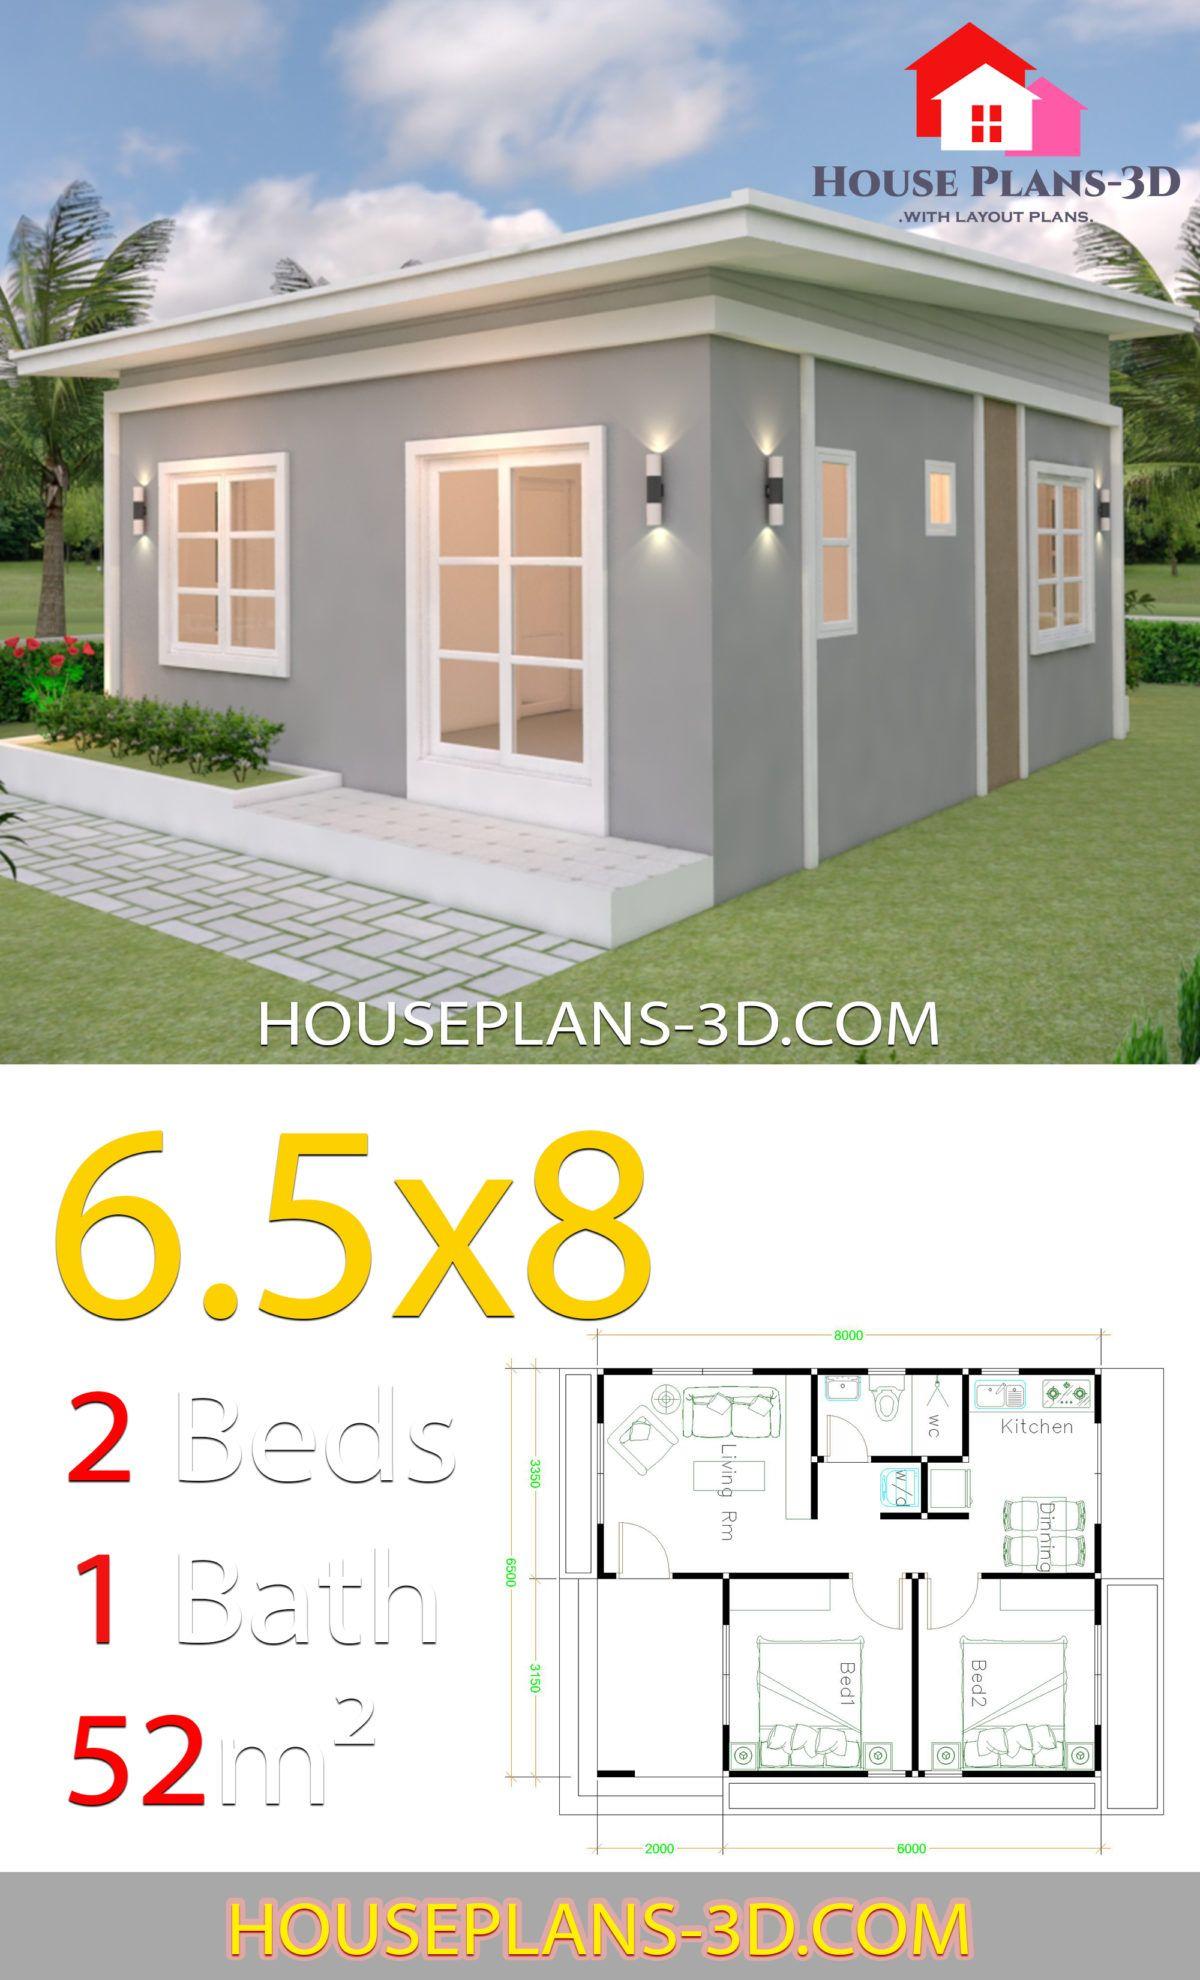 House Design Plans 6 5x8 With 2 Bedrooms Shed Roof House Plans 3d Projetos De Casas Casas Arquitetura